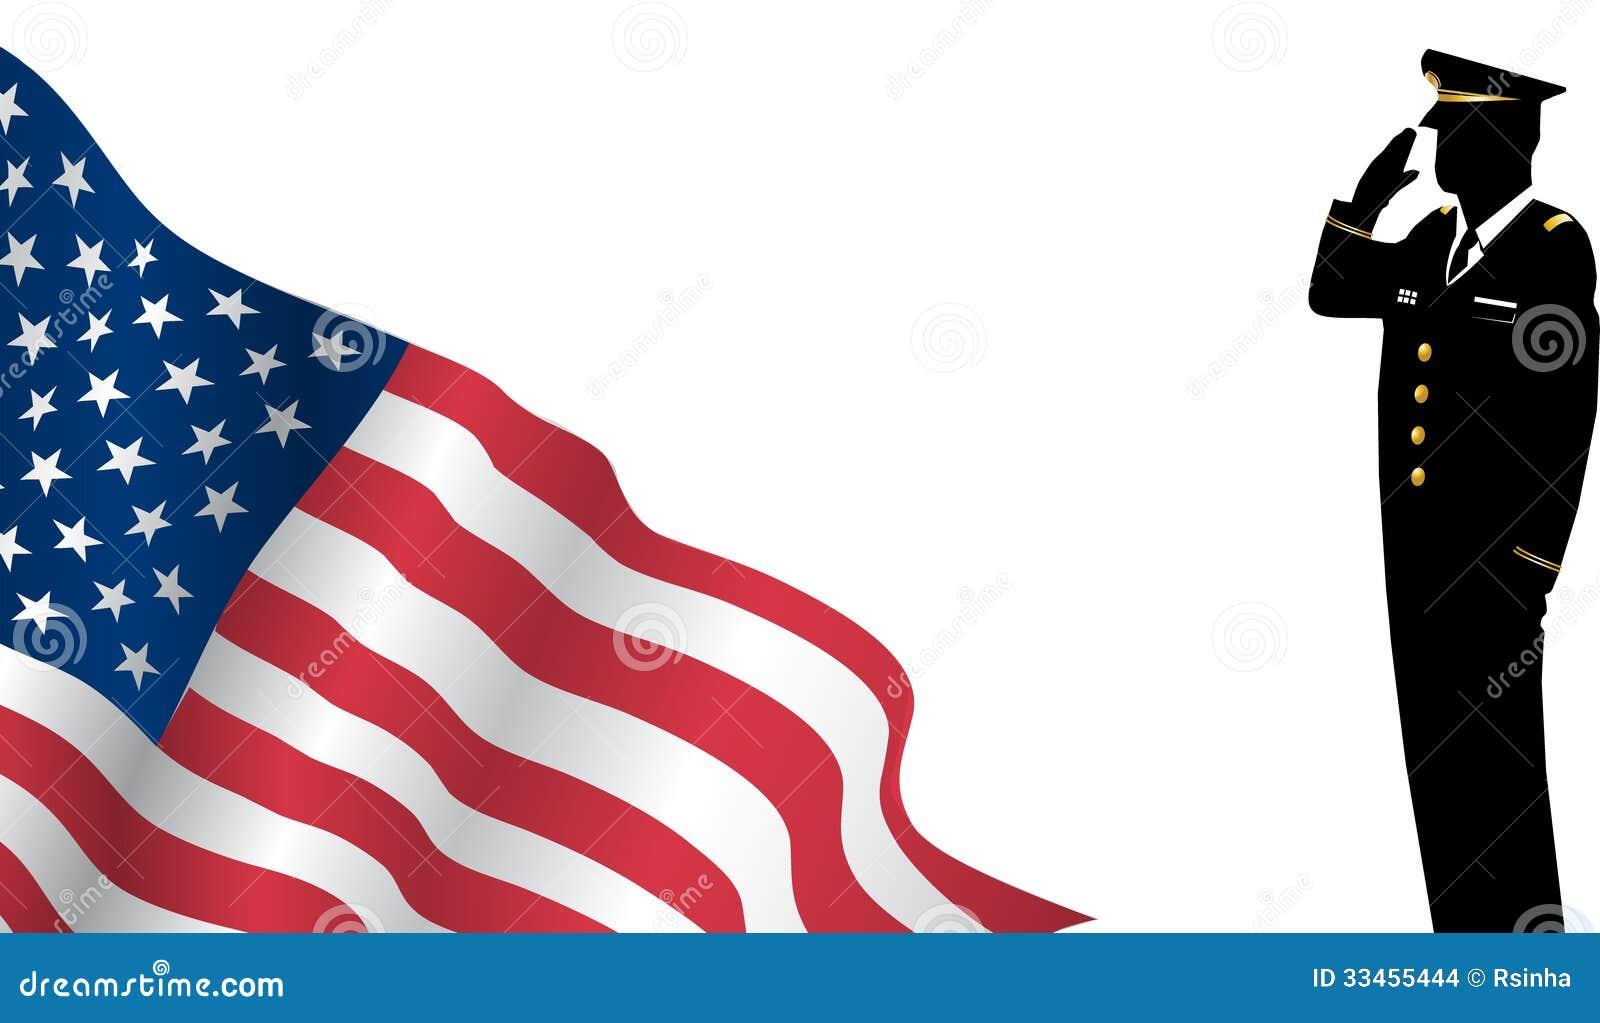 Solider que se coloca en Front Of Us Flag Saluting